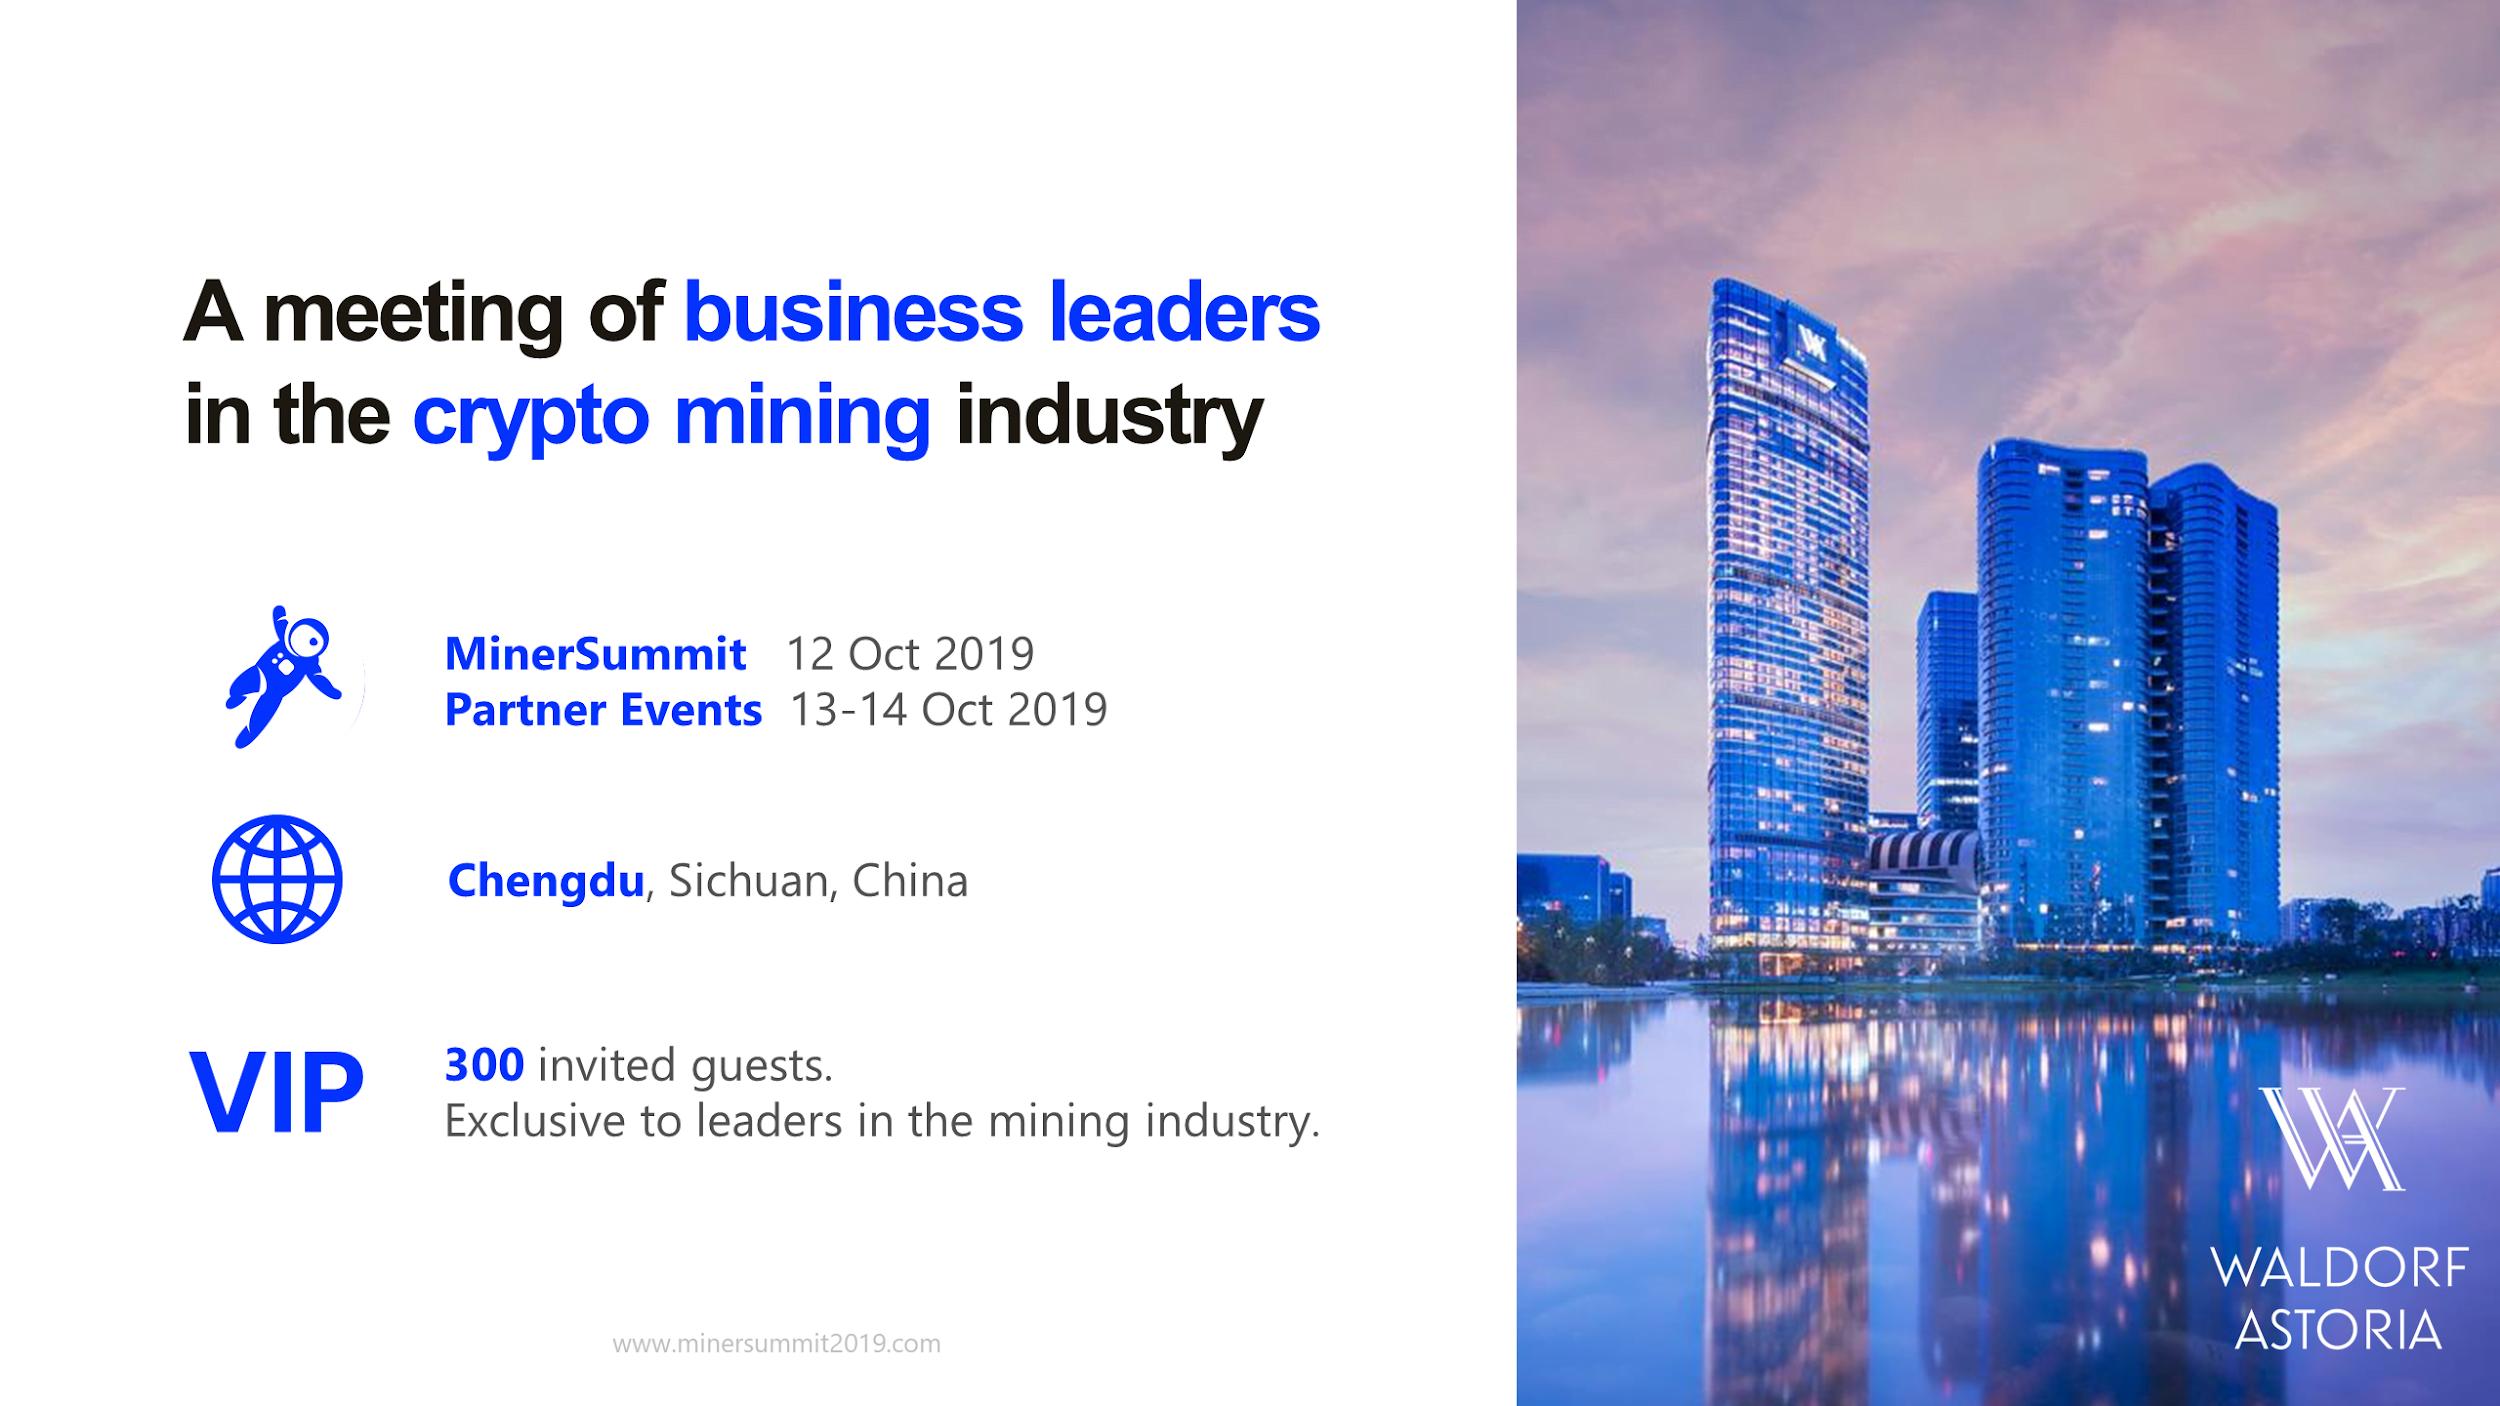 minersummit, miner summit